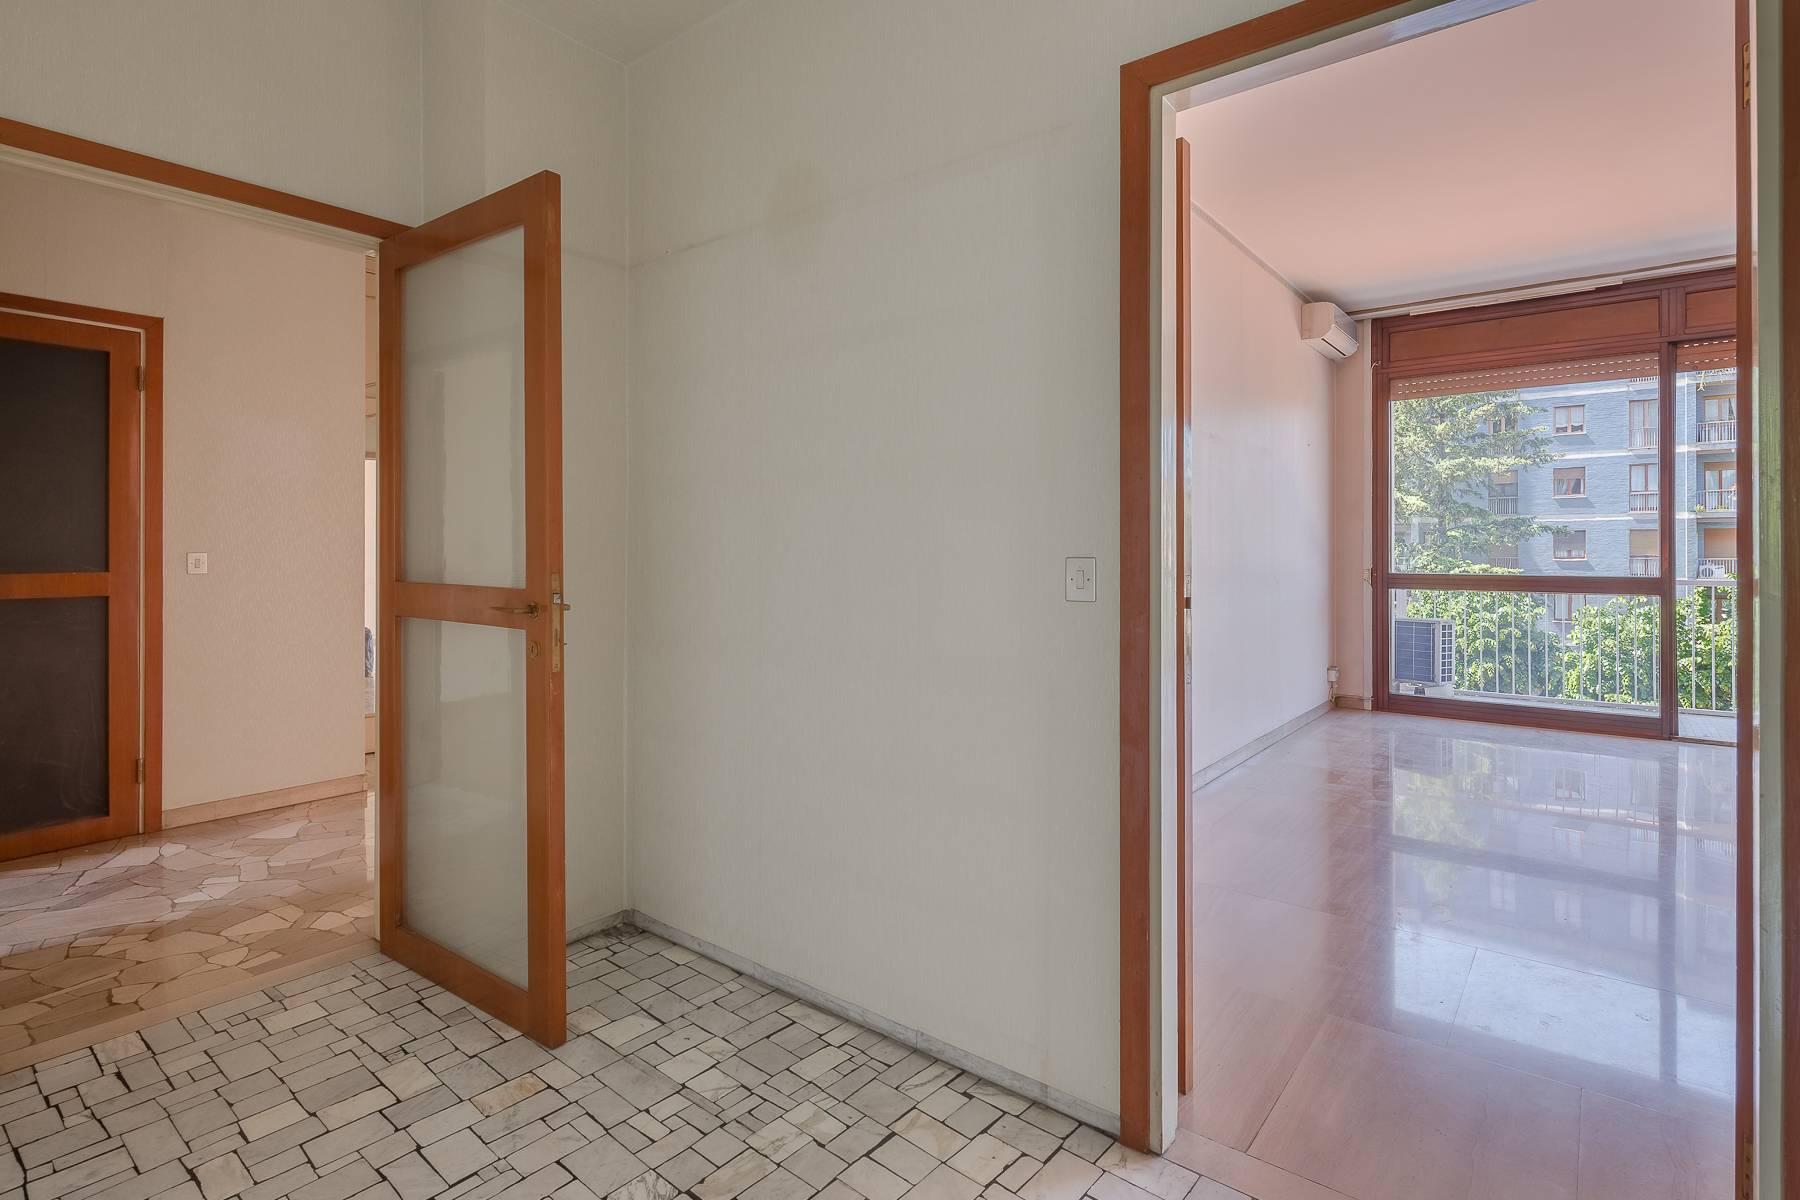 Appartamento in Vendita a Milano: 5 locali, 150 mq - Foto 20